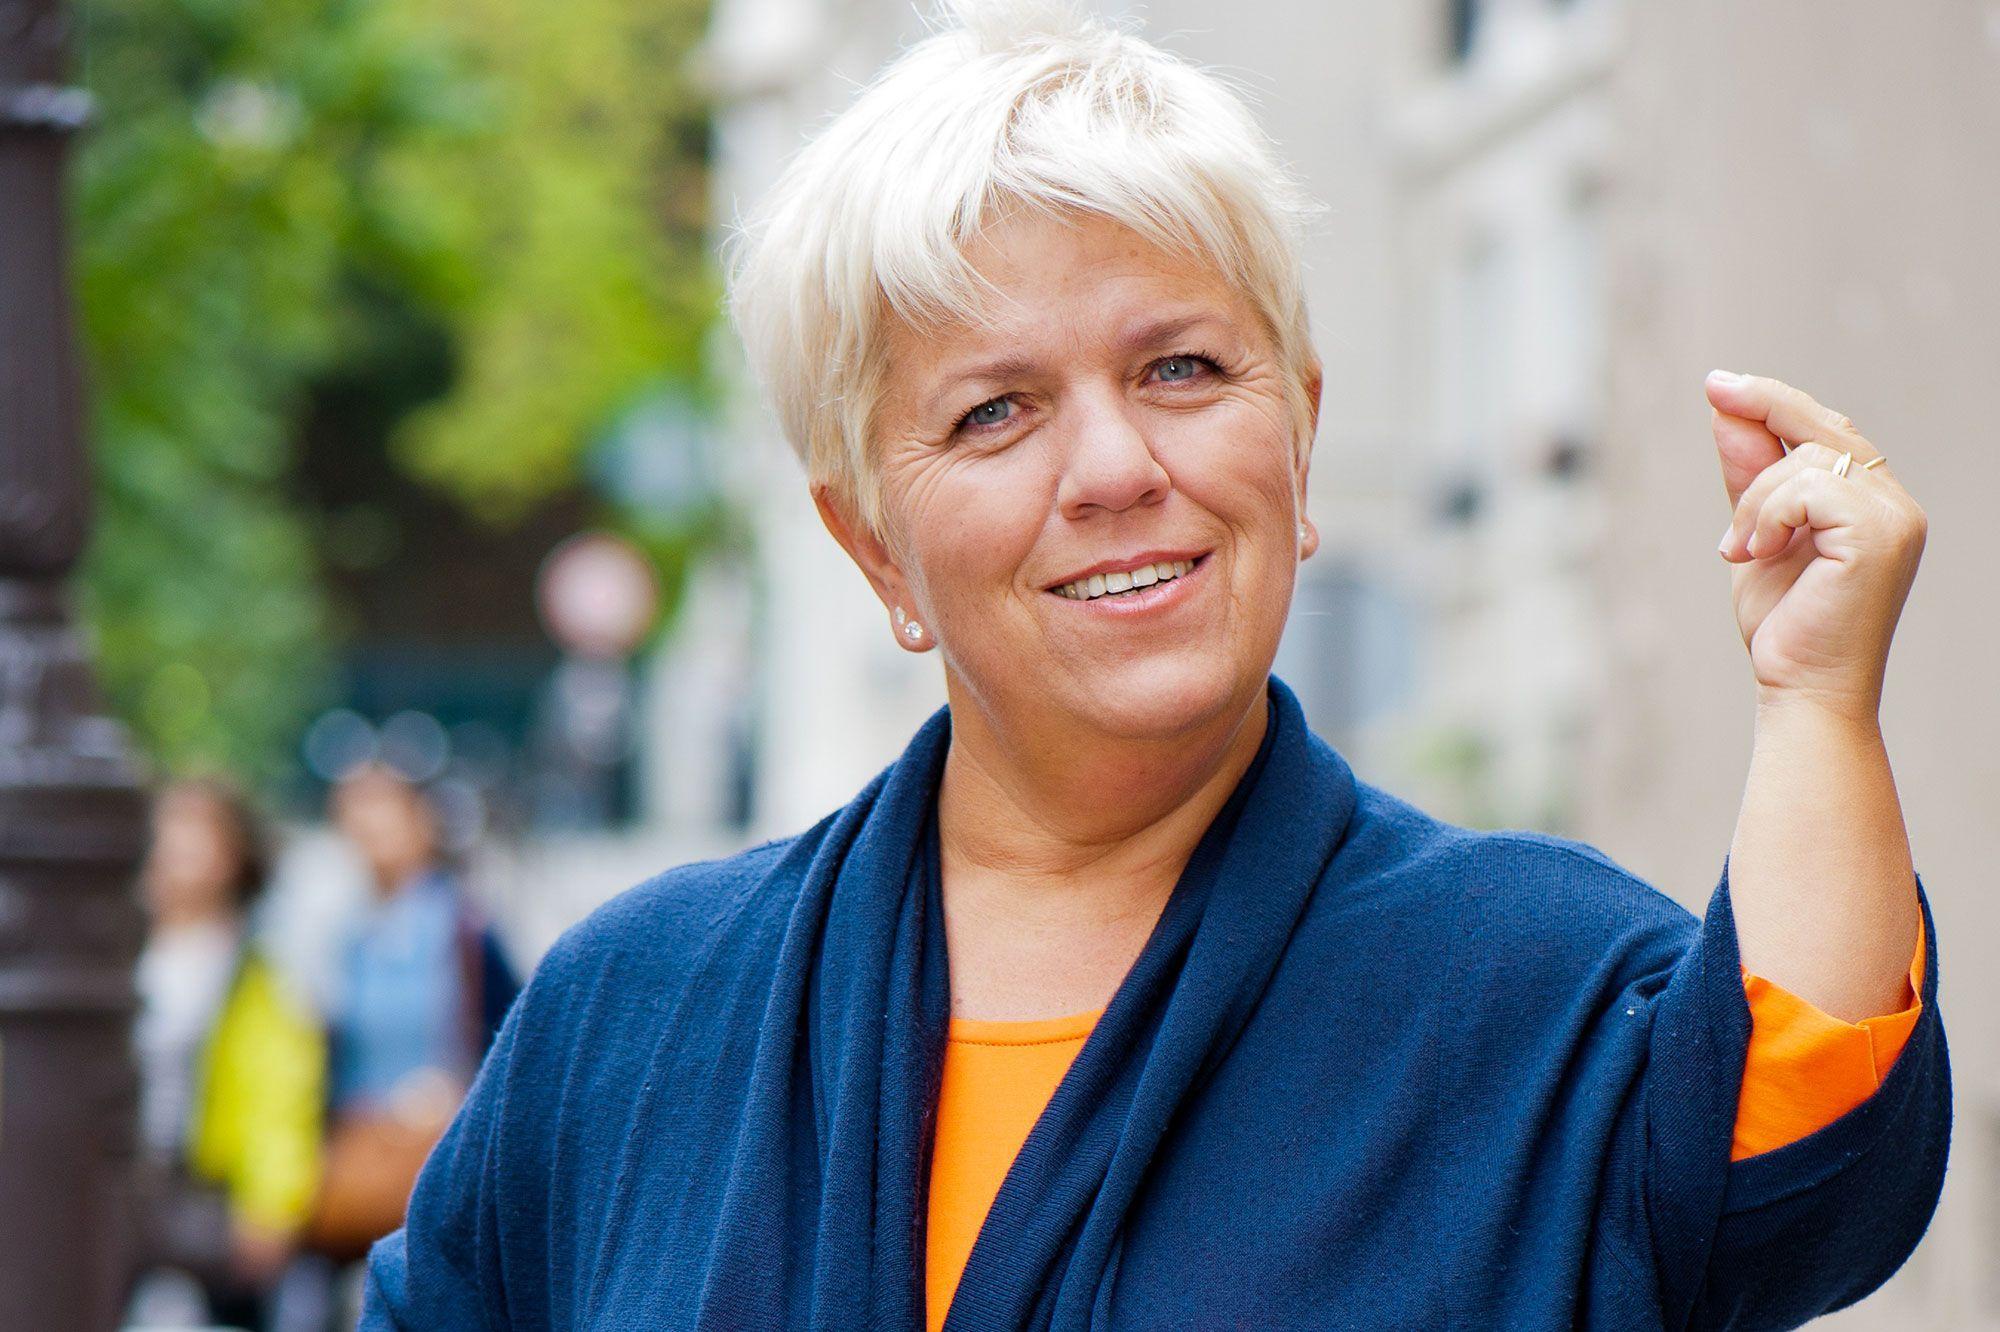 Mimie Mathy critiquée sur ses propos sur les gens de petite taille : Elle répond à la polémique